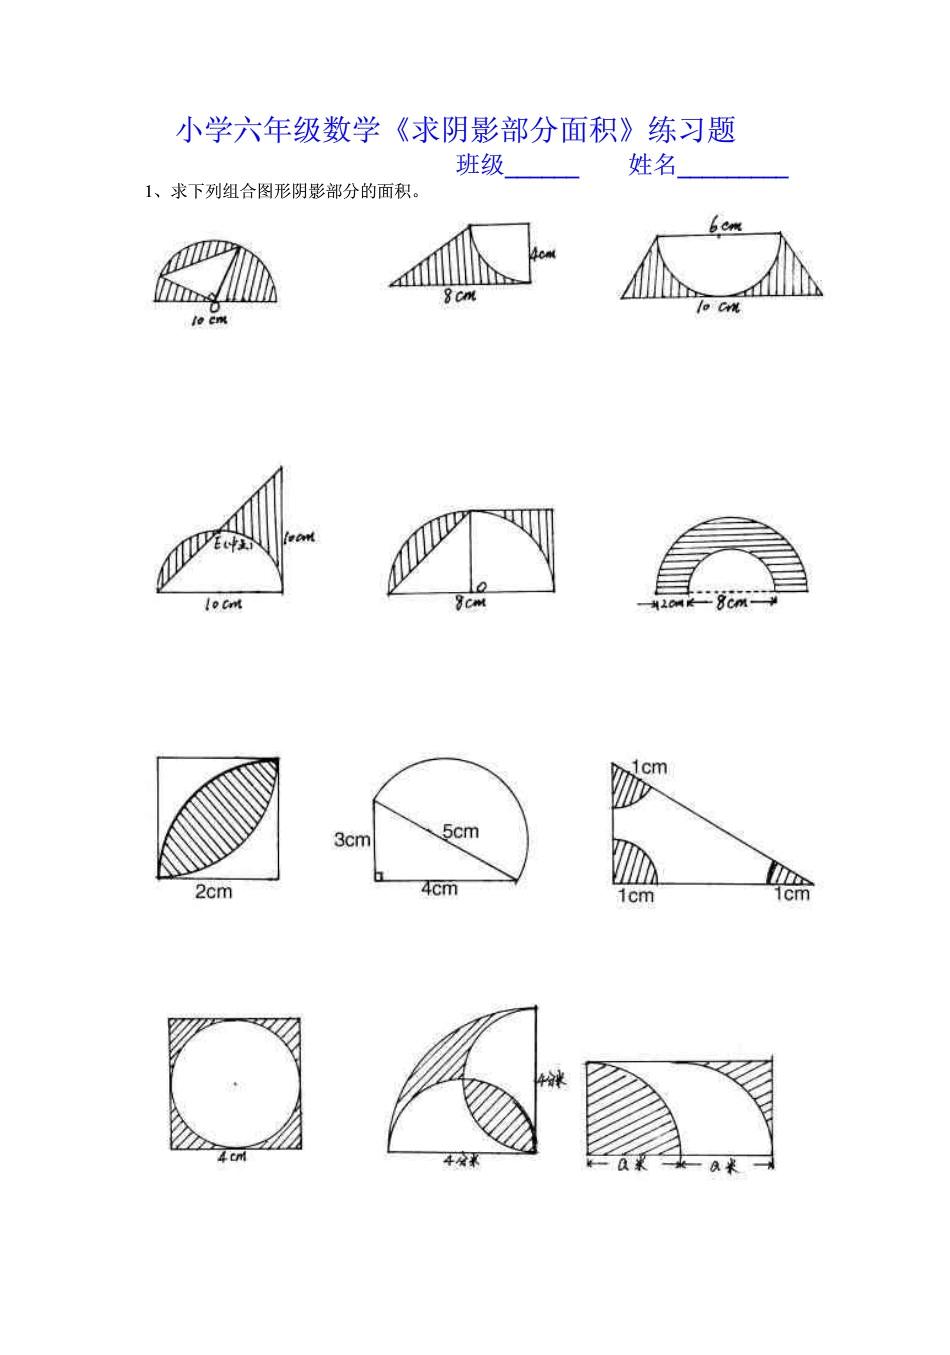 小学六年级数学《求阴影部分面积》练习题答案